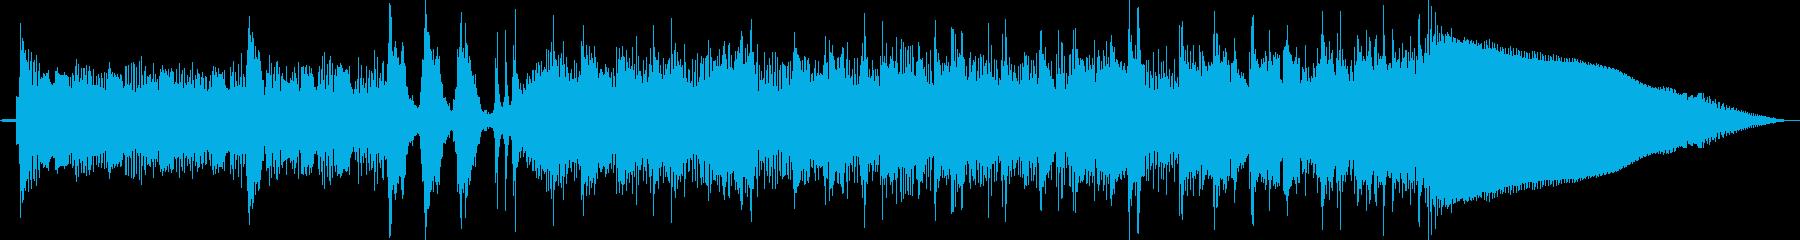 ベースサウンドで変拍子フレーズジングル曲の再生済みの波形